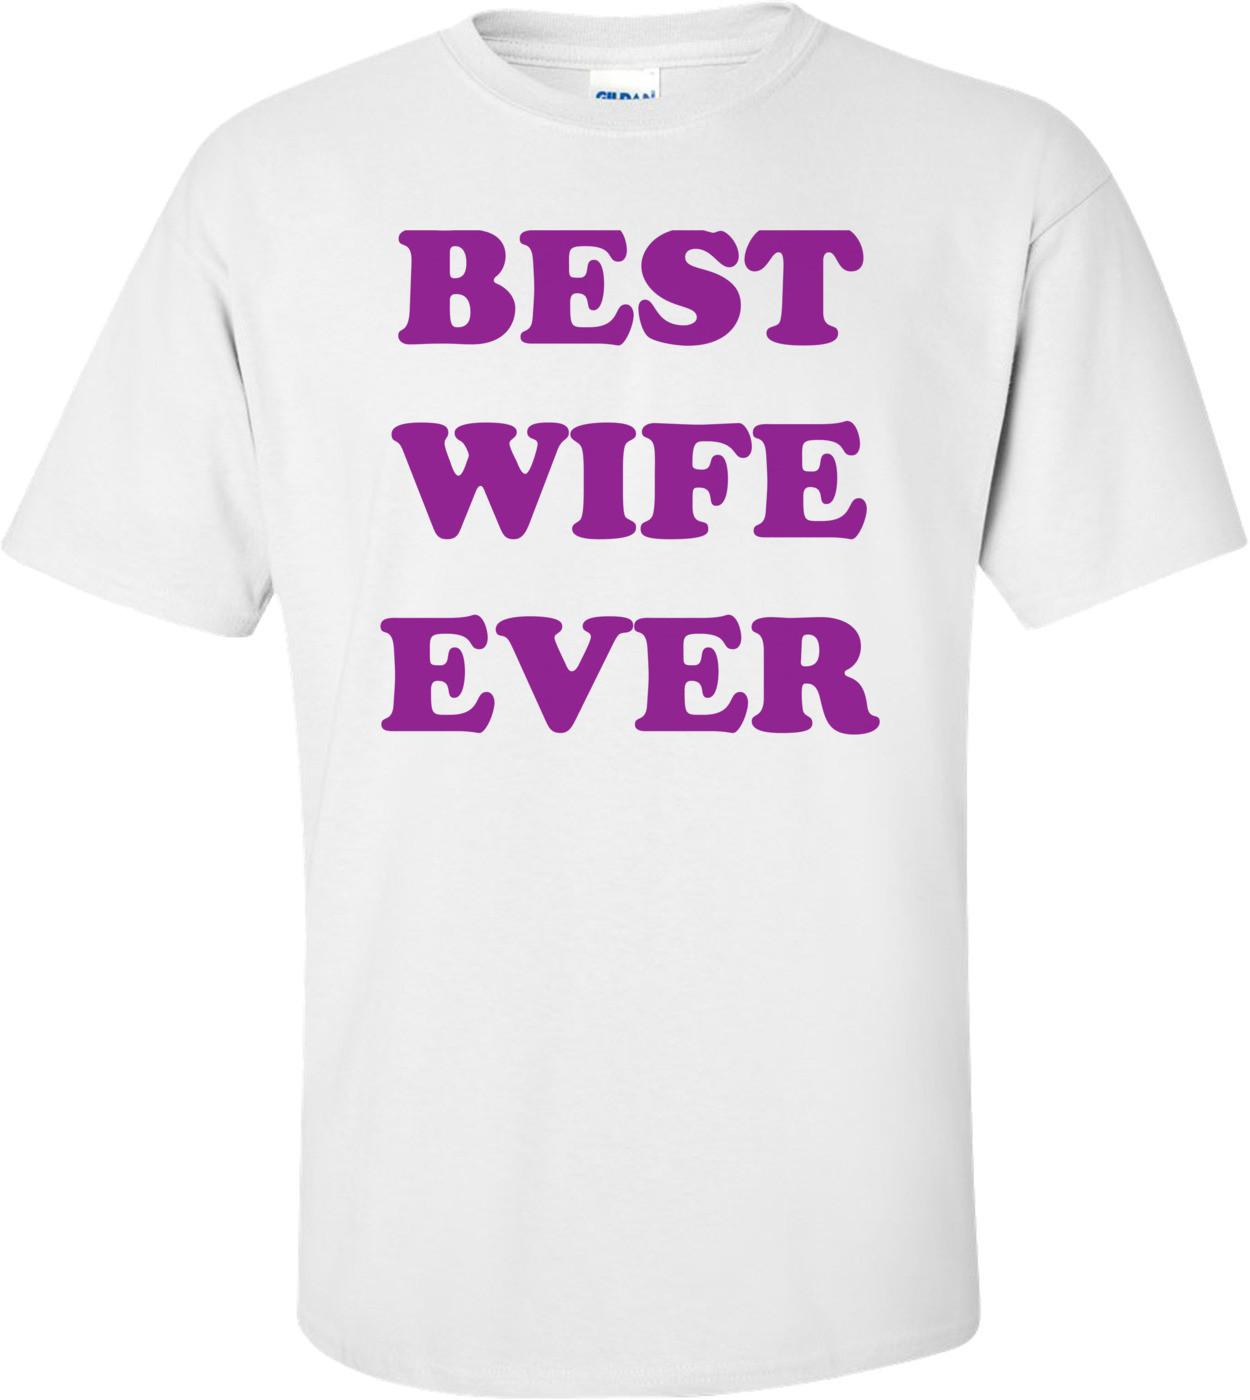 Best Wife Ever Shirt